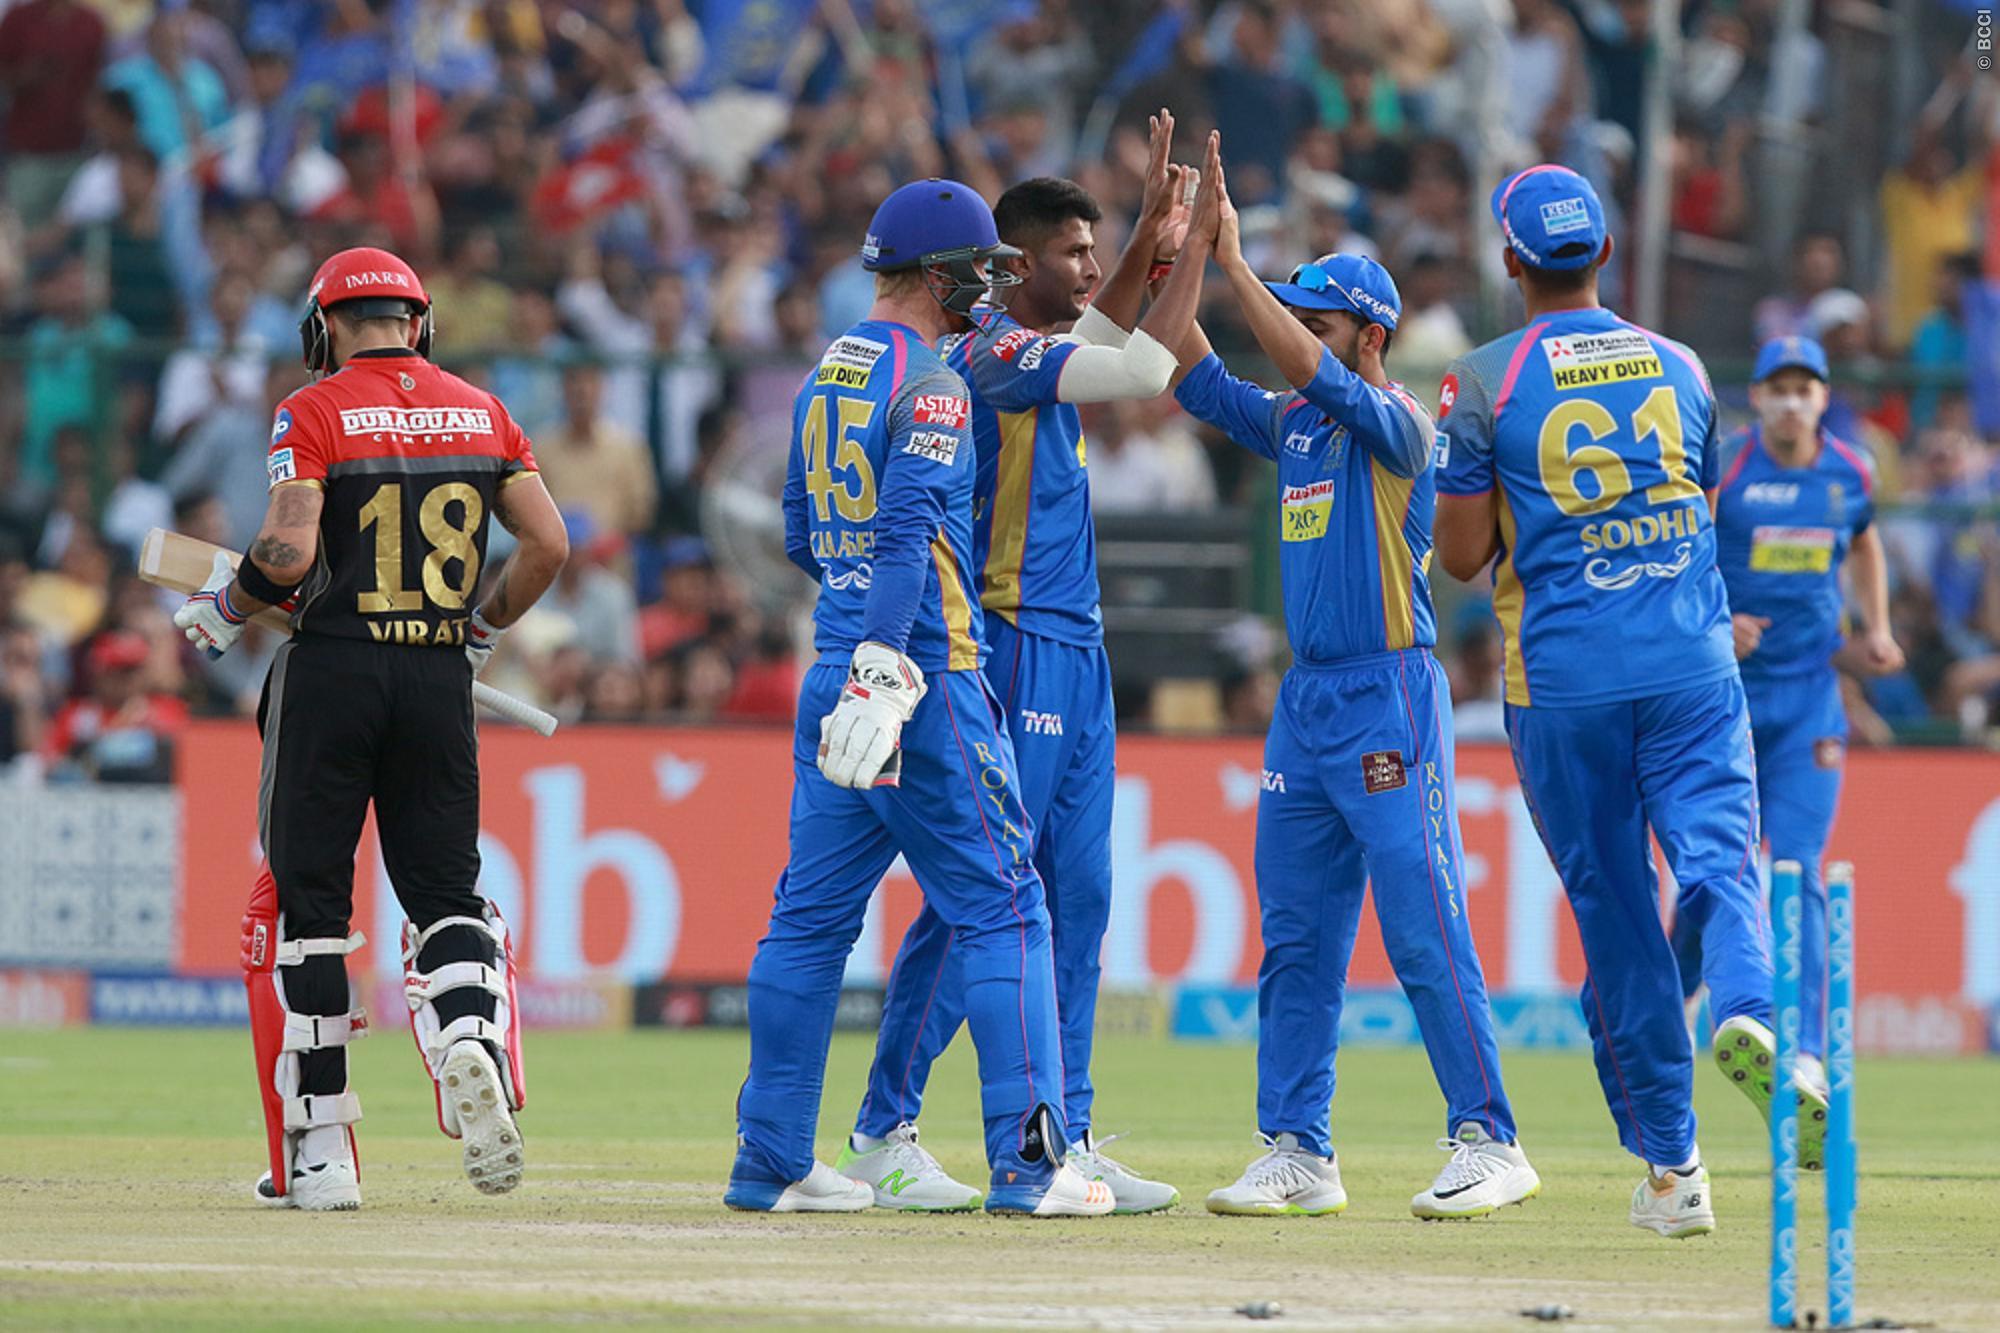 RRvsRCB : विराट की इन दो बड़ी गलतियों की वजह से आरसीबी की टीम को करना पड़ा 30 रन से हार का सामना 1